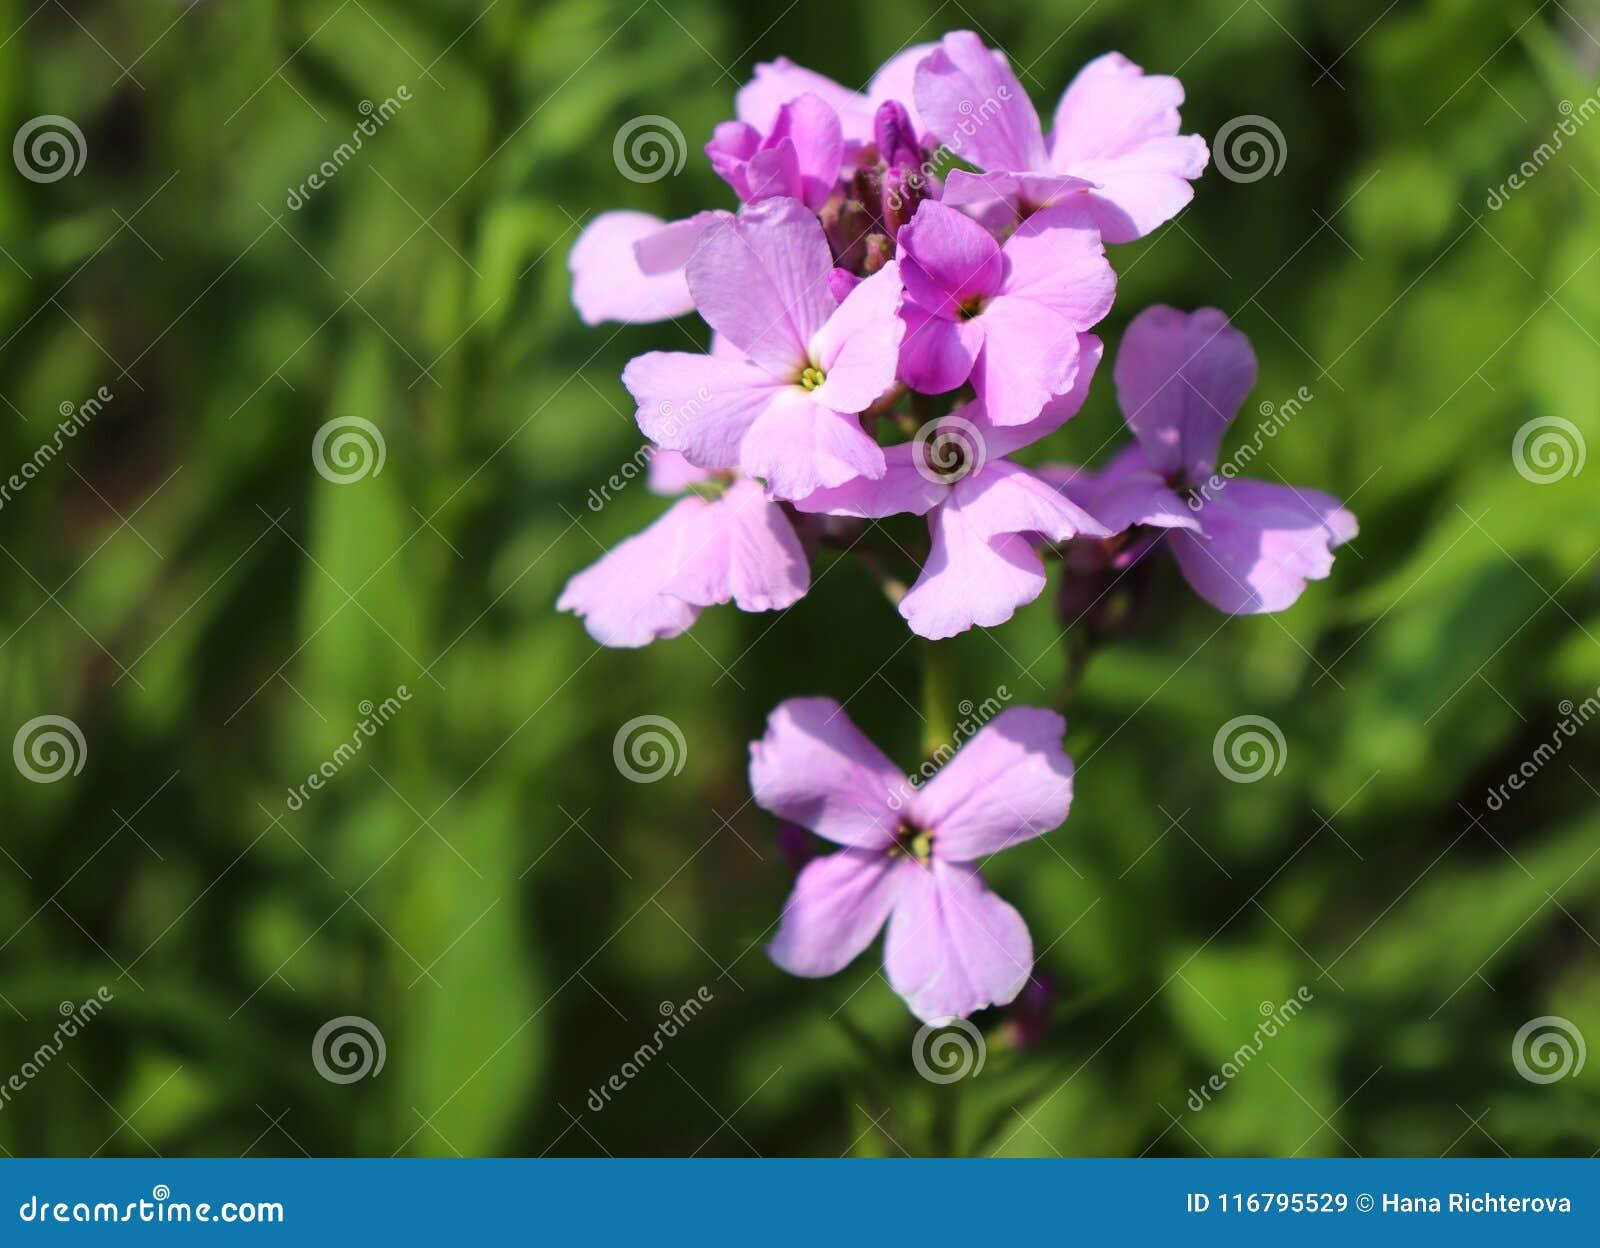 Night violets. Mattiola flower - photo 24